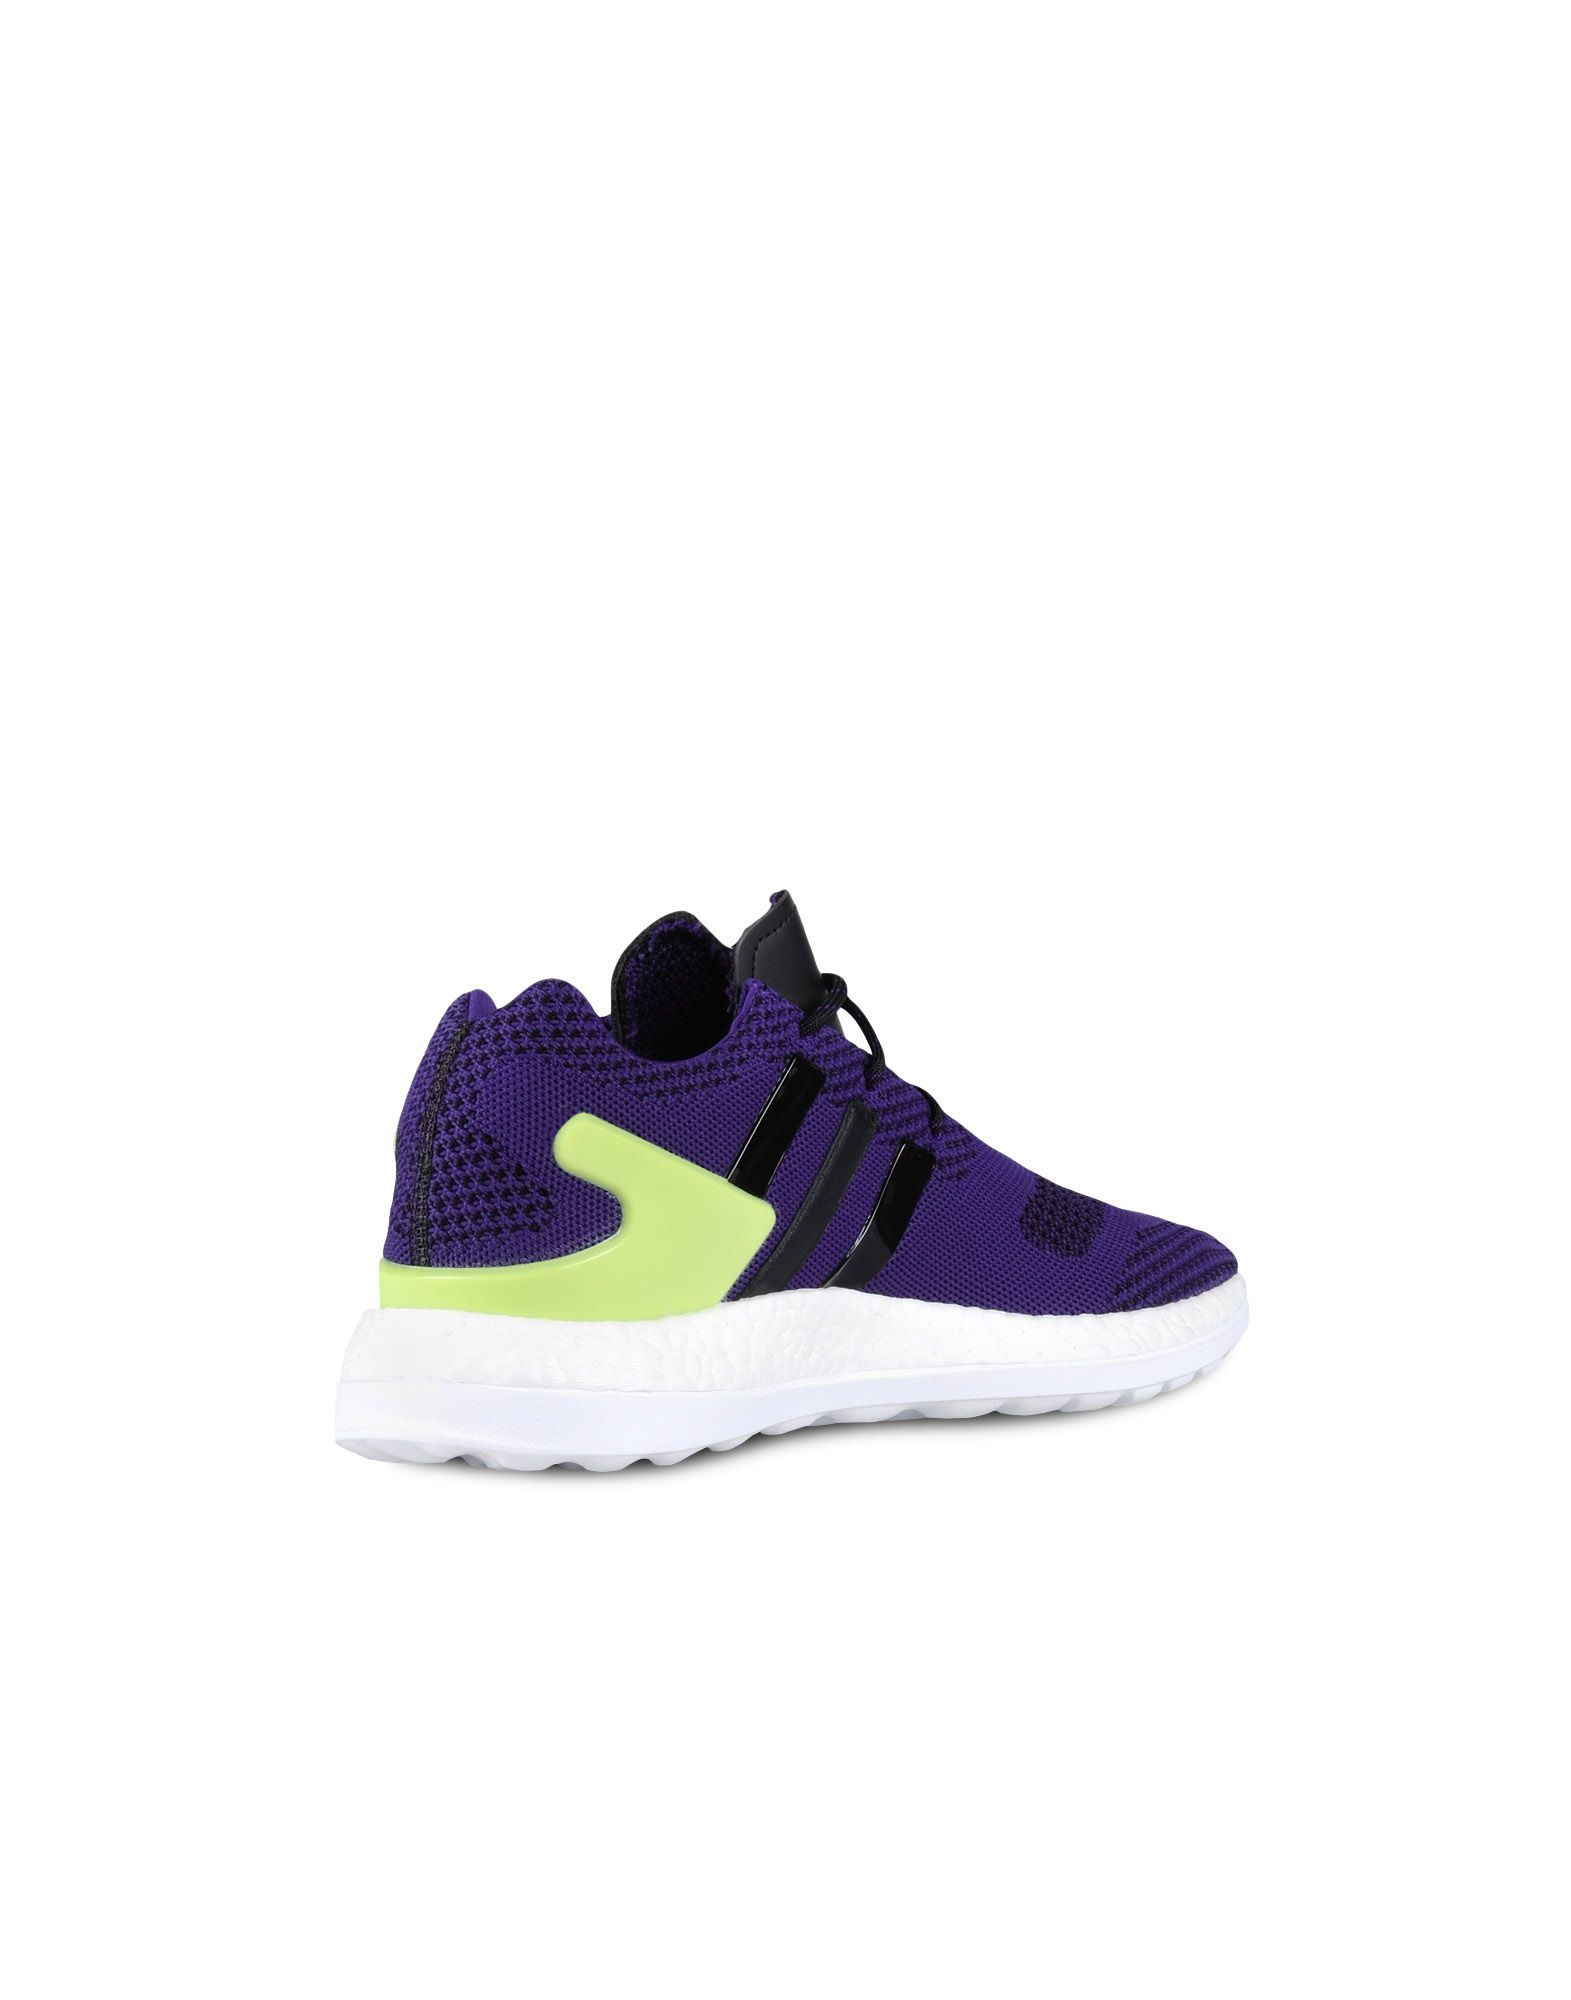 b2061e81e2ed2 Y-3 Pure Boost ZG Primeknit Sneakers in Gray for Men - Lyst